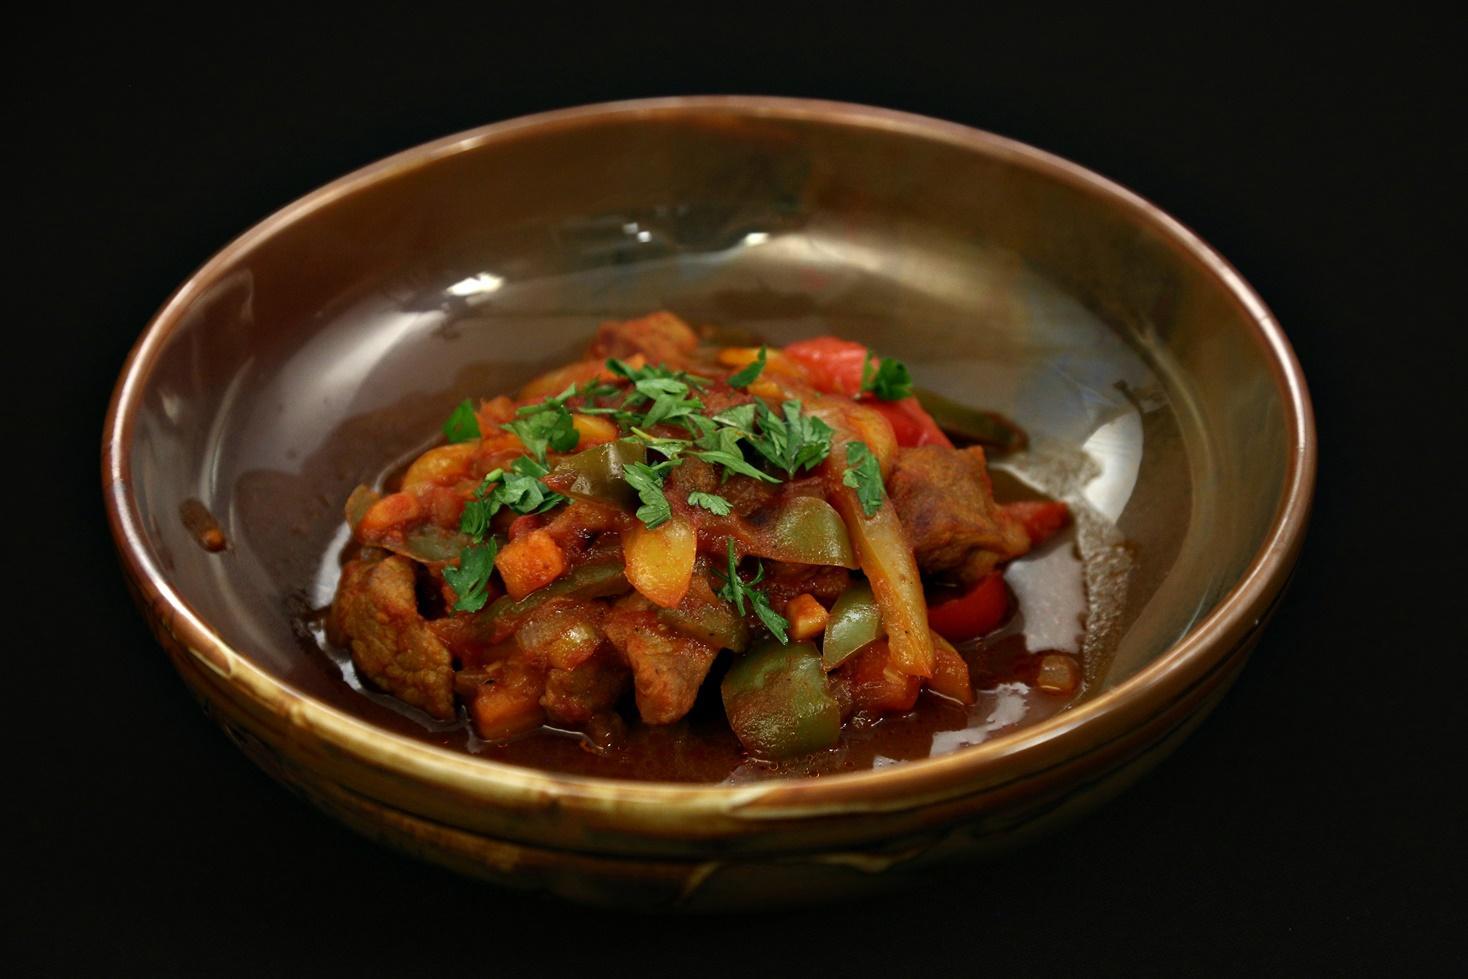 Rețetă de tocăniță de porc cu ardei gătită de Andrei Hîncu la Chefi la cuțite